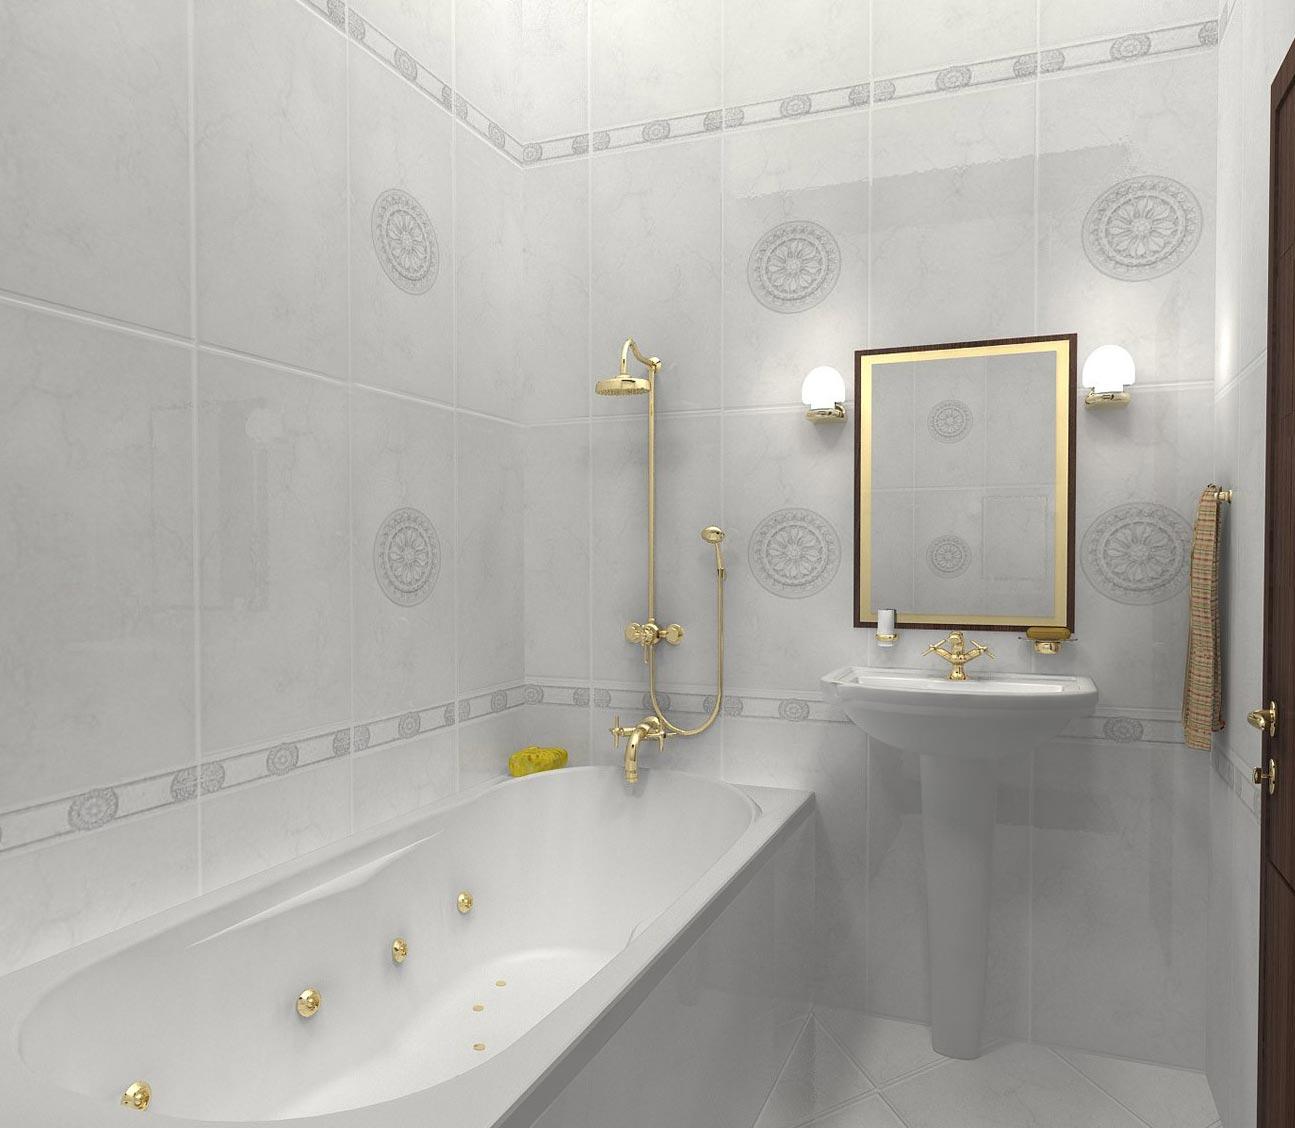 дизайн плитки в маленькой ванной 12